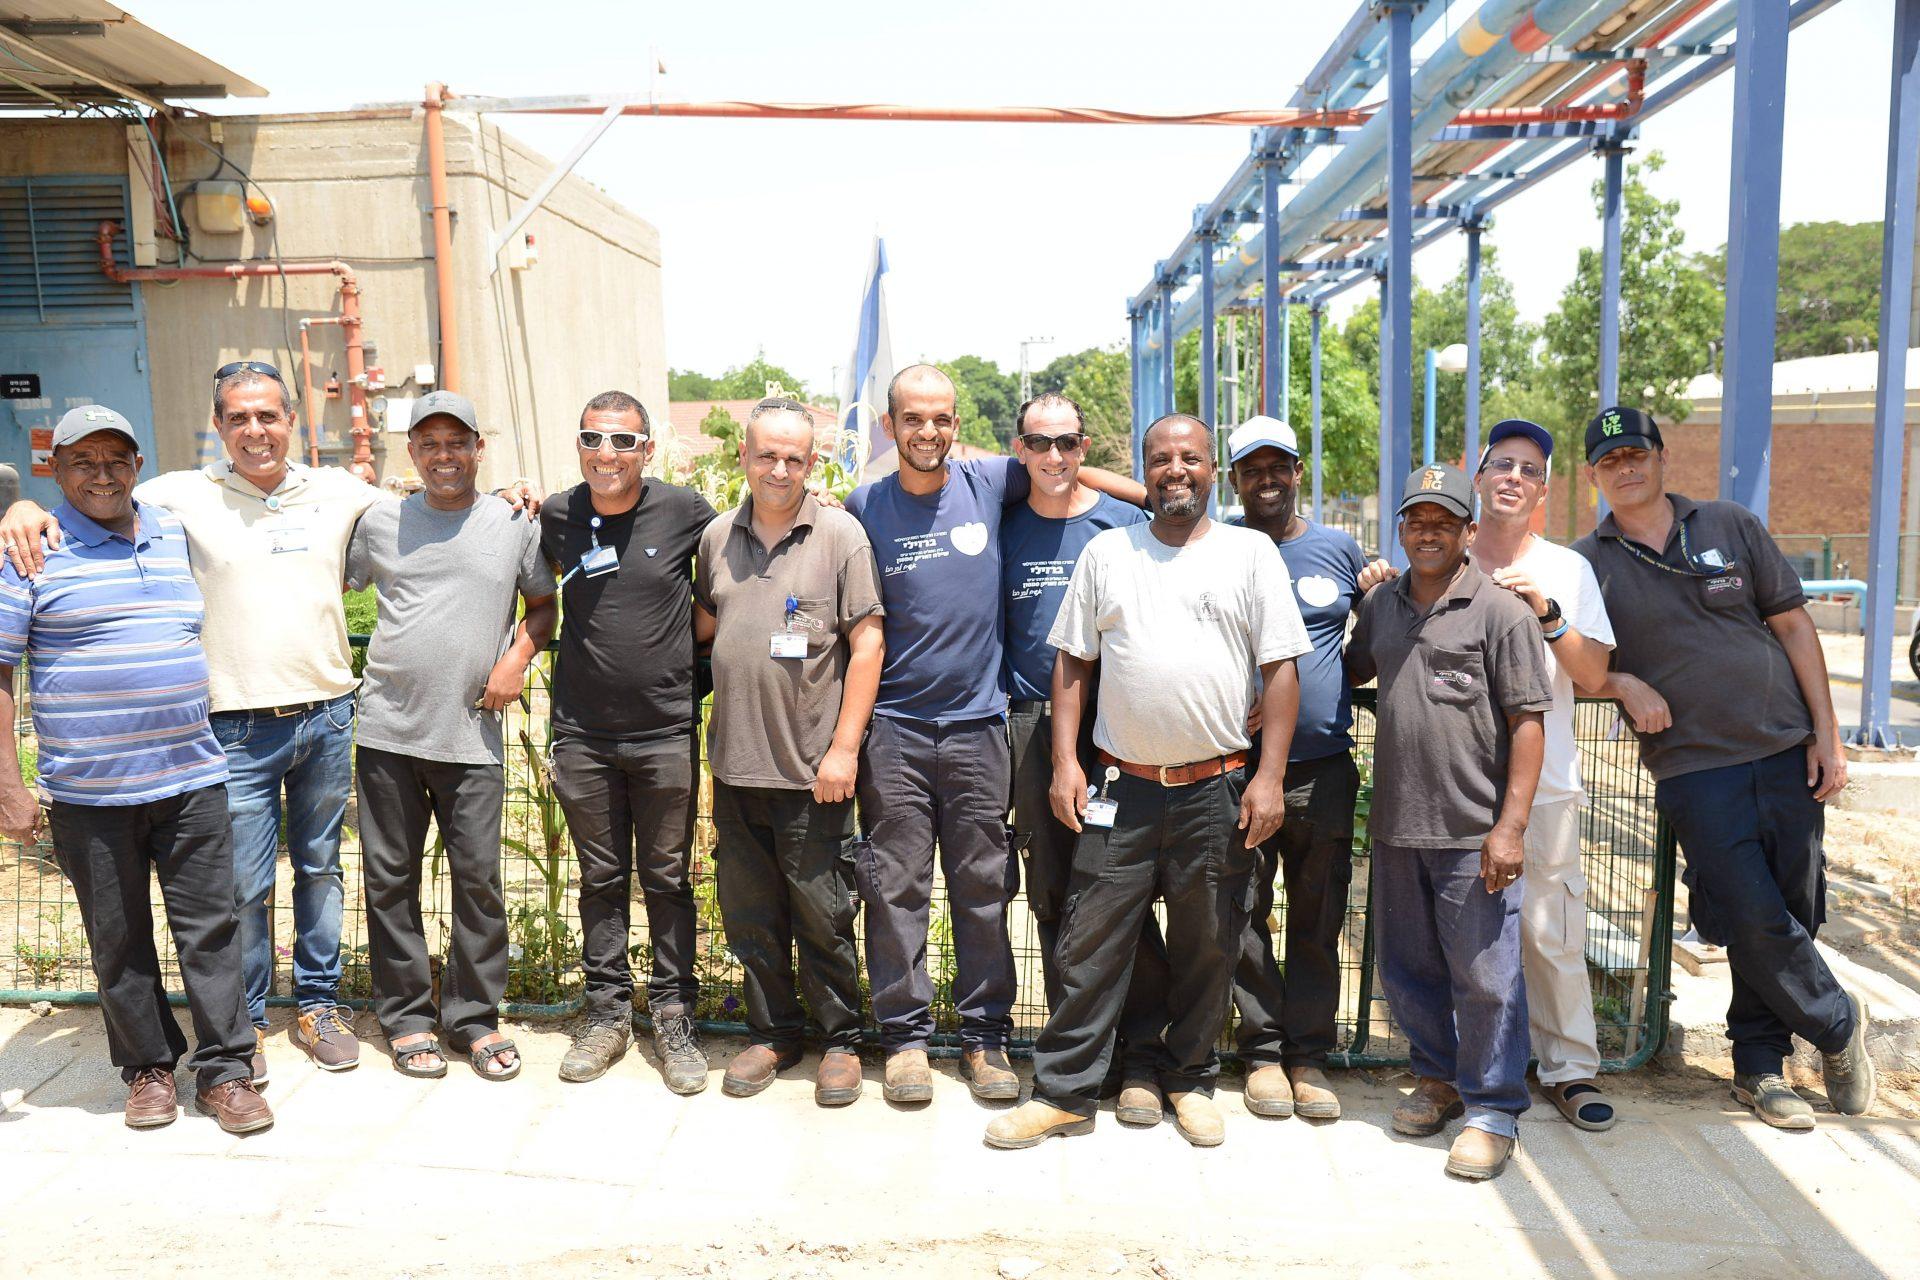 כוח לעובד: המרכז הרפואי ברזילי שם את העובדים במרכז. צילום: המרכז הרפואי ברזילי